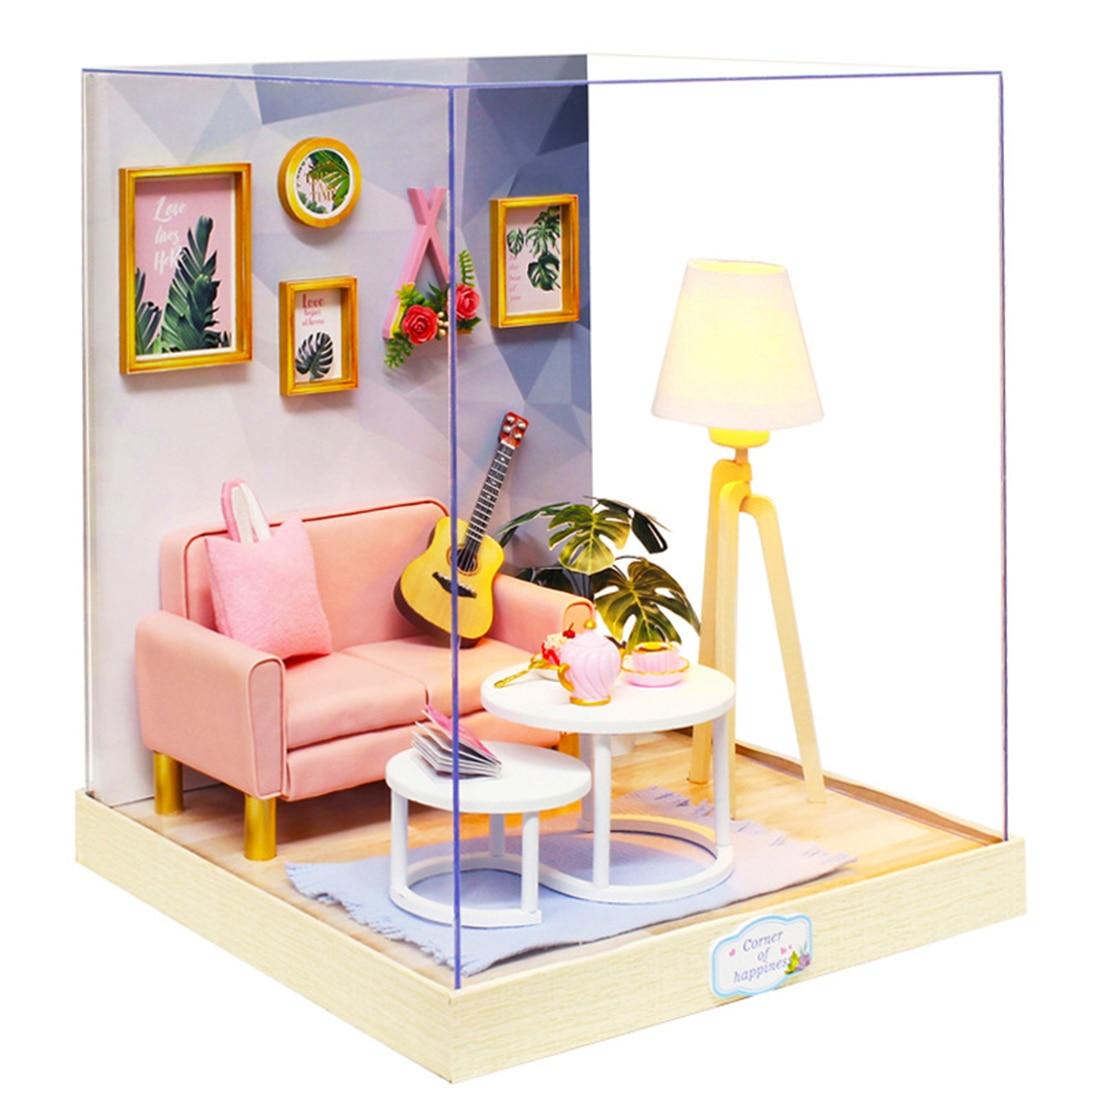 Bricolage cabine assemblé jouet modèle ensemble en bois maison de poupée artisanat à la main assemblée maison modèle cadeau avec couvercle anti-poussière-Tea Time